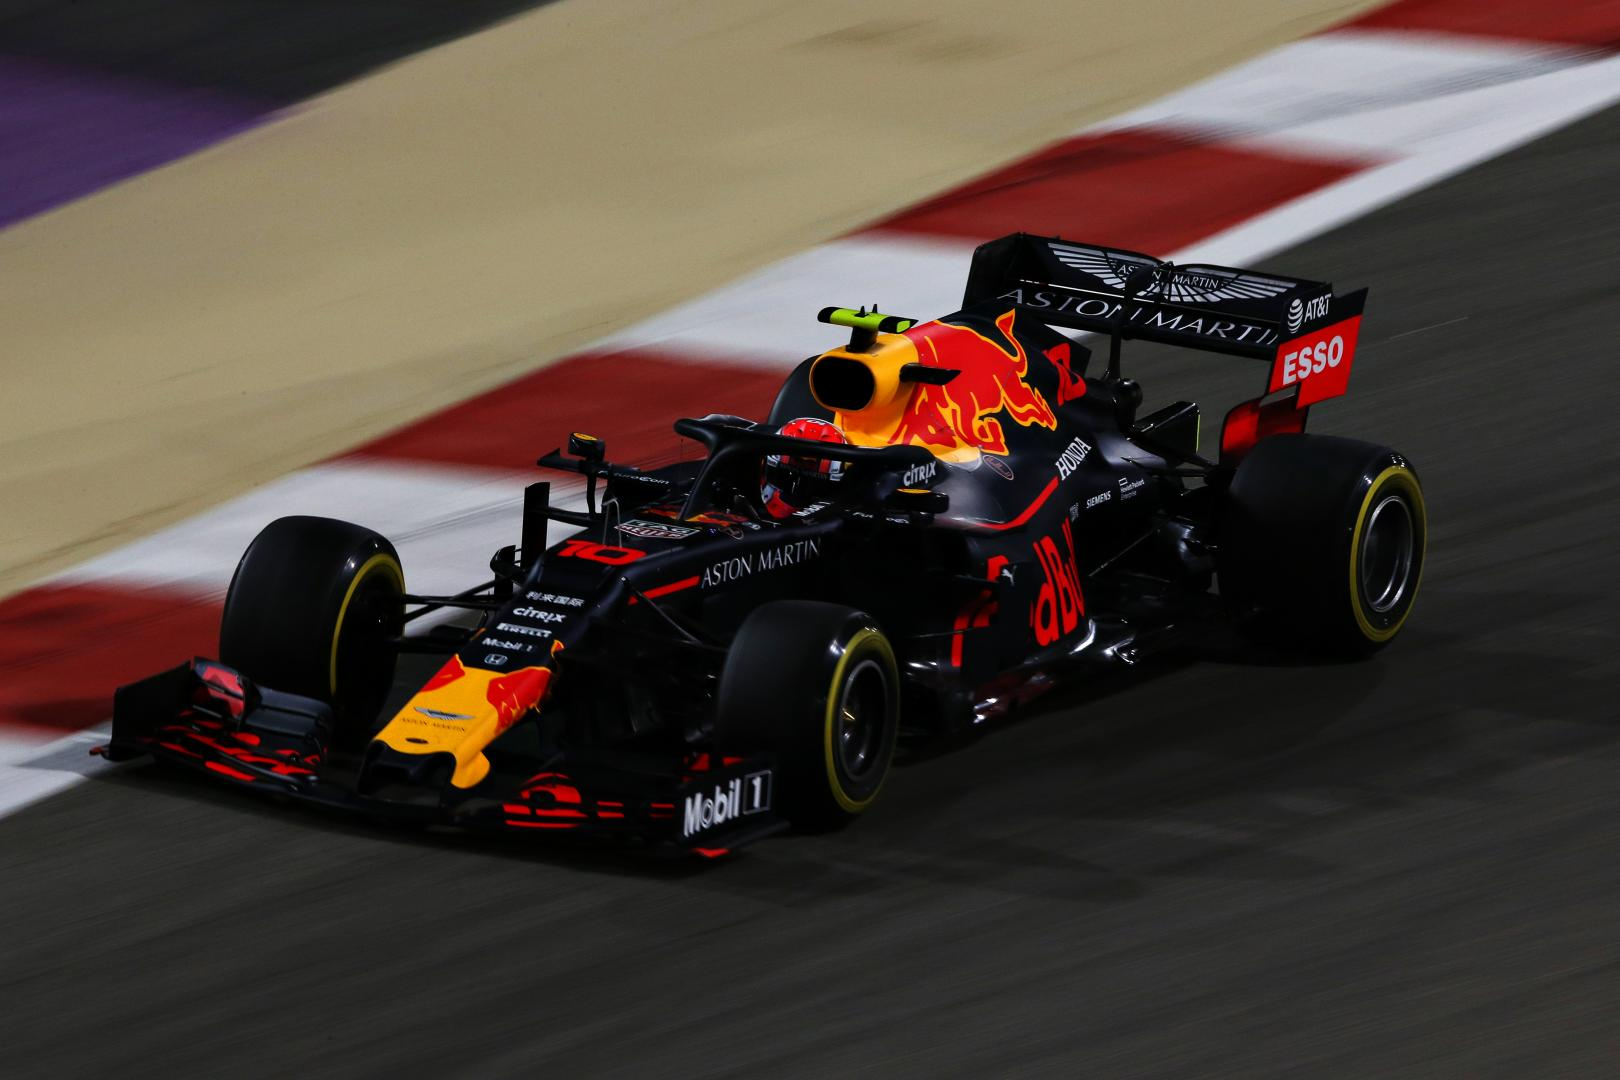 Uitslag van de GP van Bahrein 2019